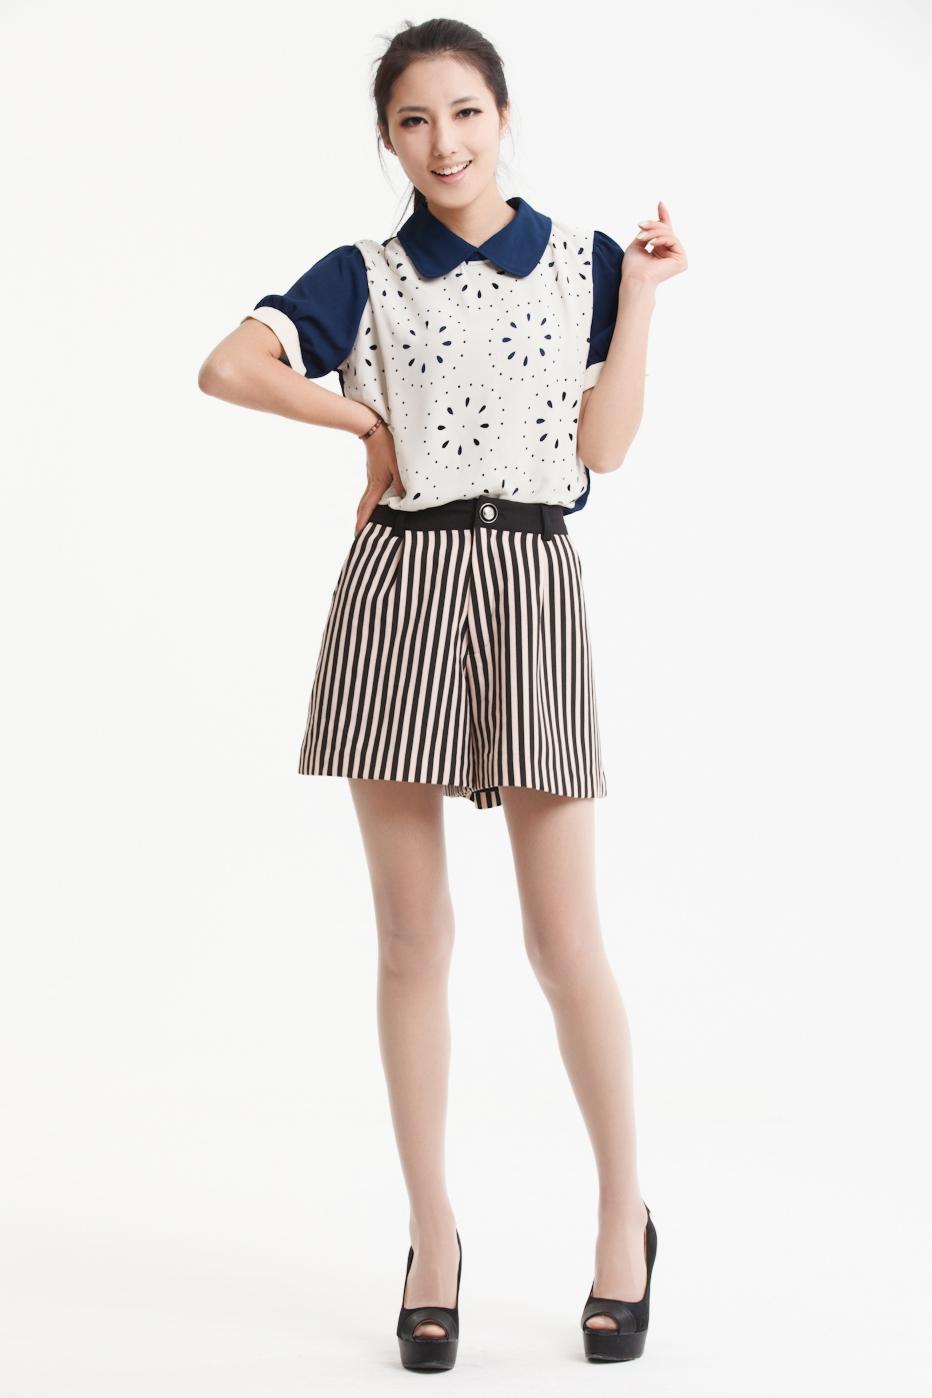 买衣服就到【山石久渡】,时尚女装诚招加盟商-发布于14年2月3日8点